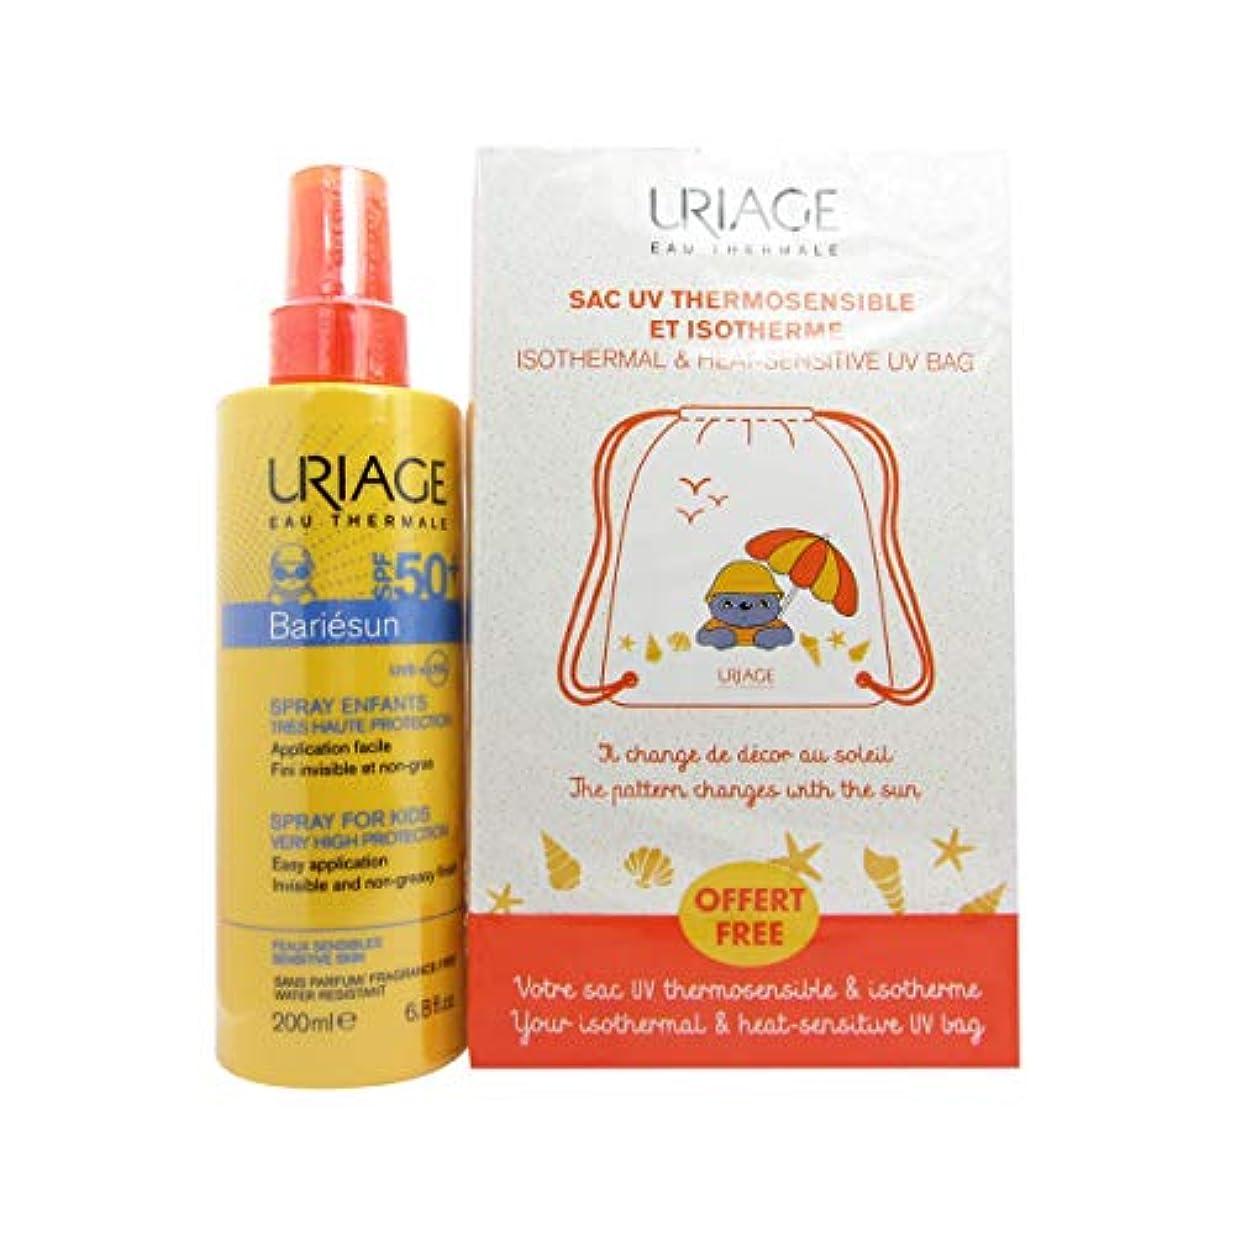 子たくさんの落ち着いたUriage Bariesun Spray Children SPF50+ 200ml+Offer Isothermal & Heat-Sensitive UV Bag